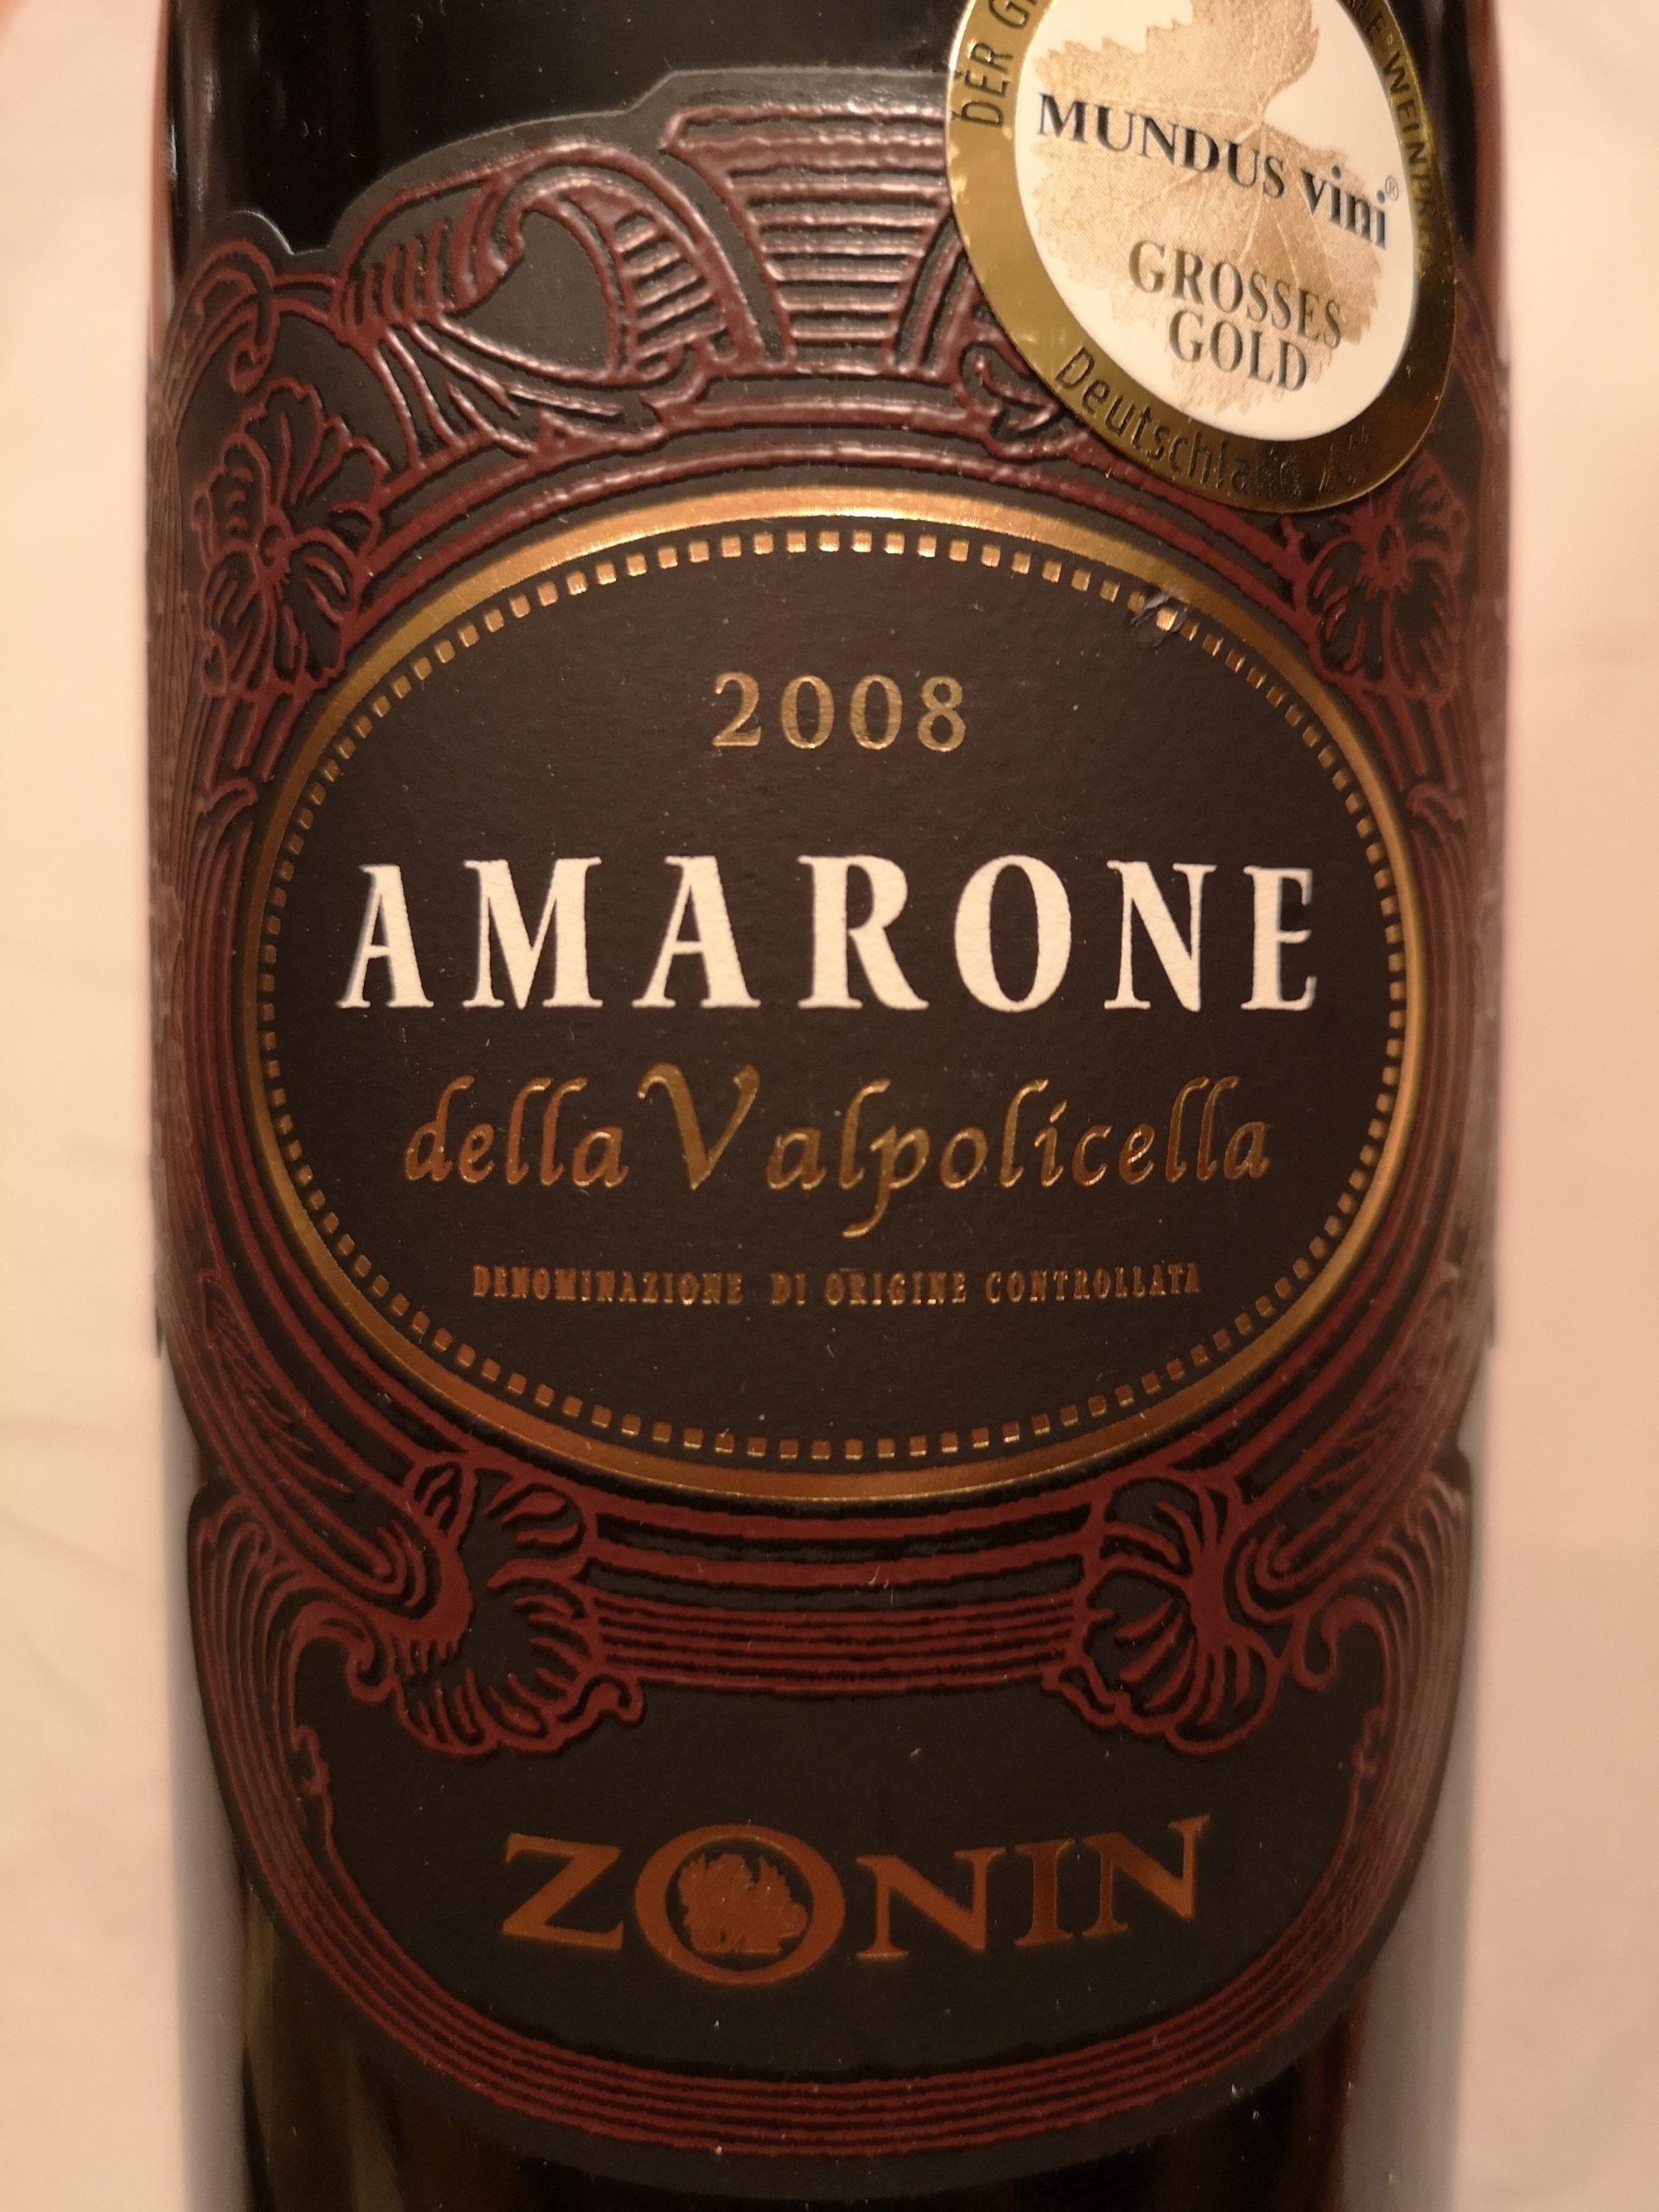 2008 Amarone della Valpolicella   Zonin